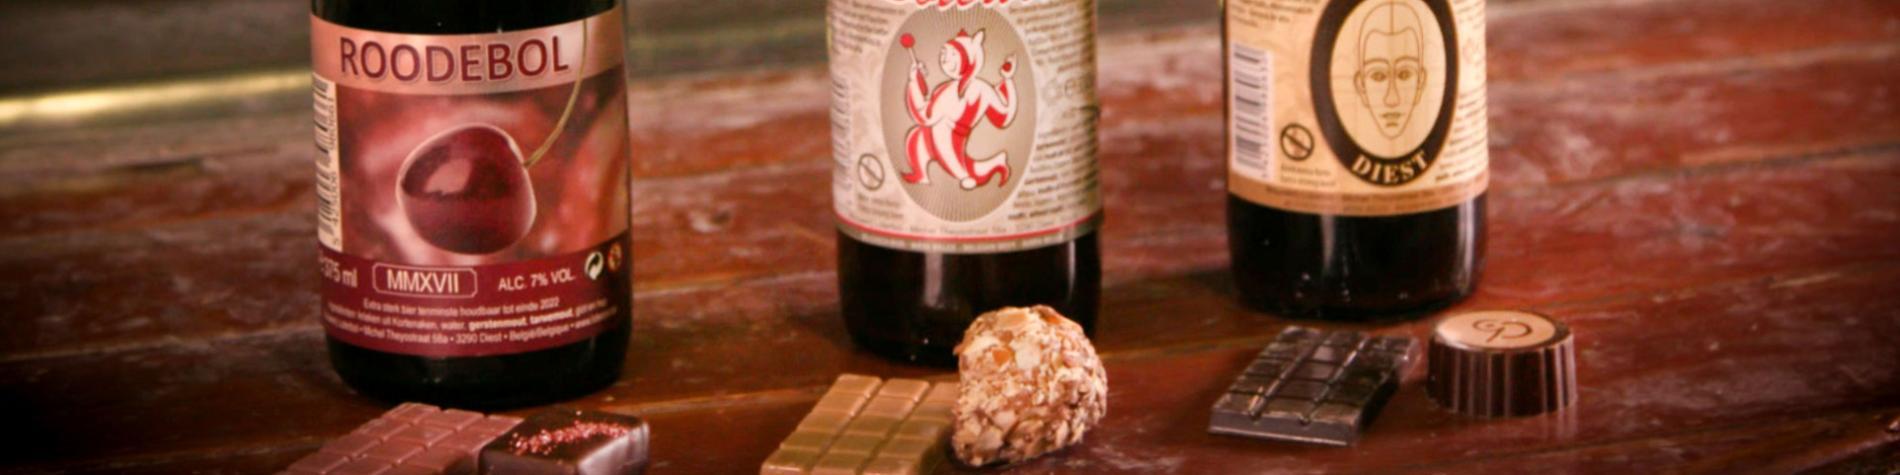 Bierolade - Activités - ateliers - bière - chocolat